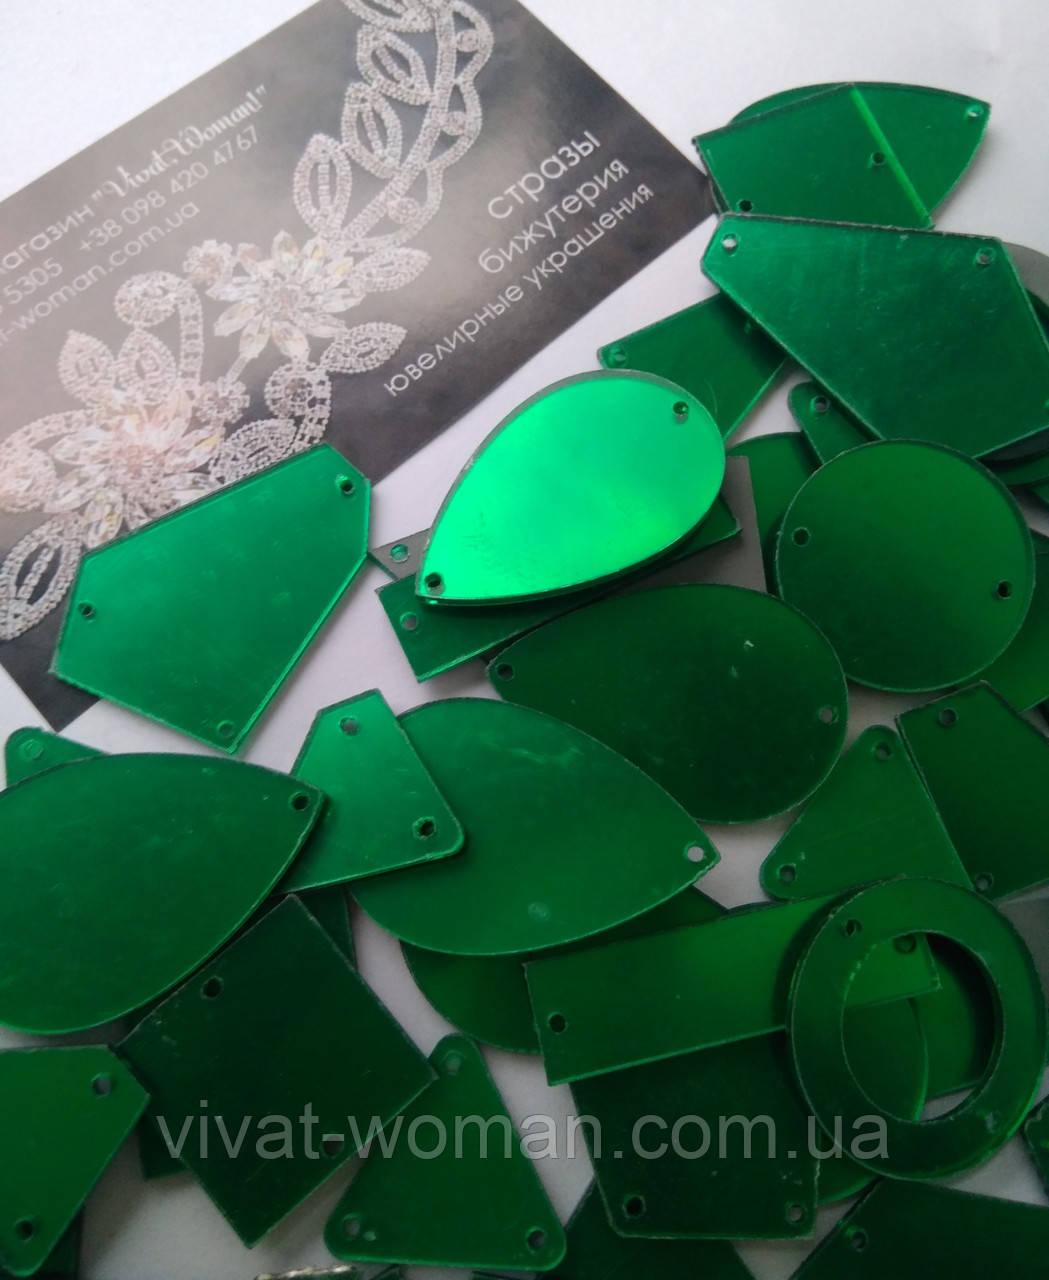 Пришивные зеркала Emerald, микс. 50 штук в уп.